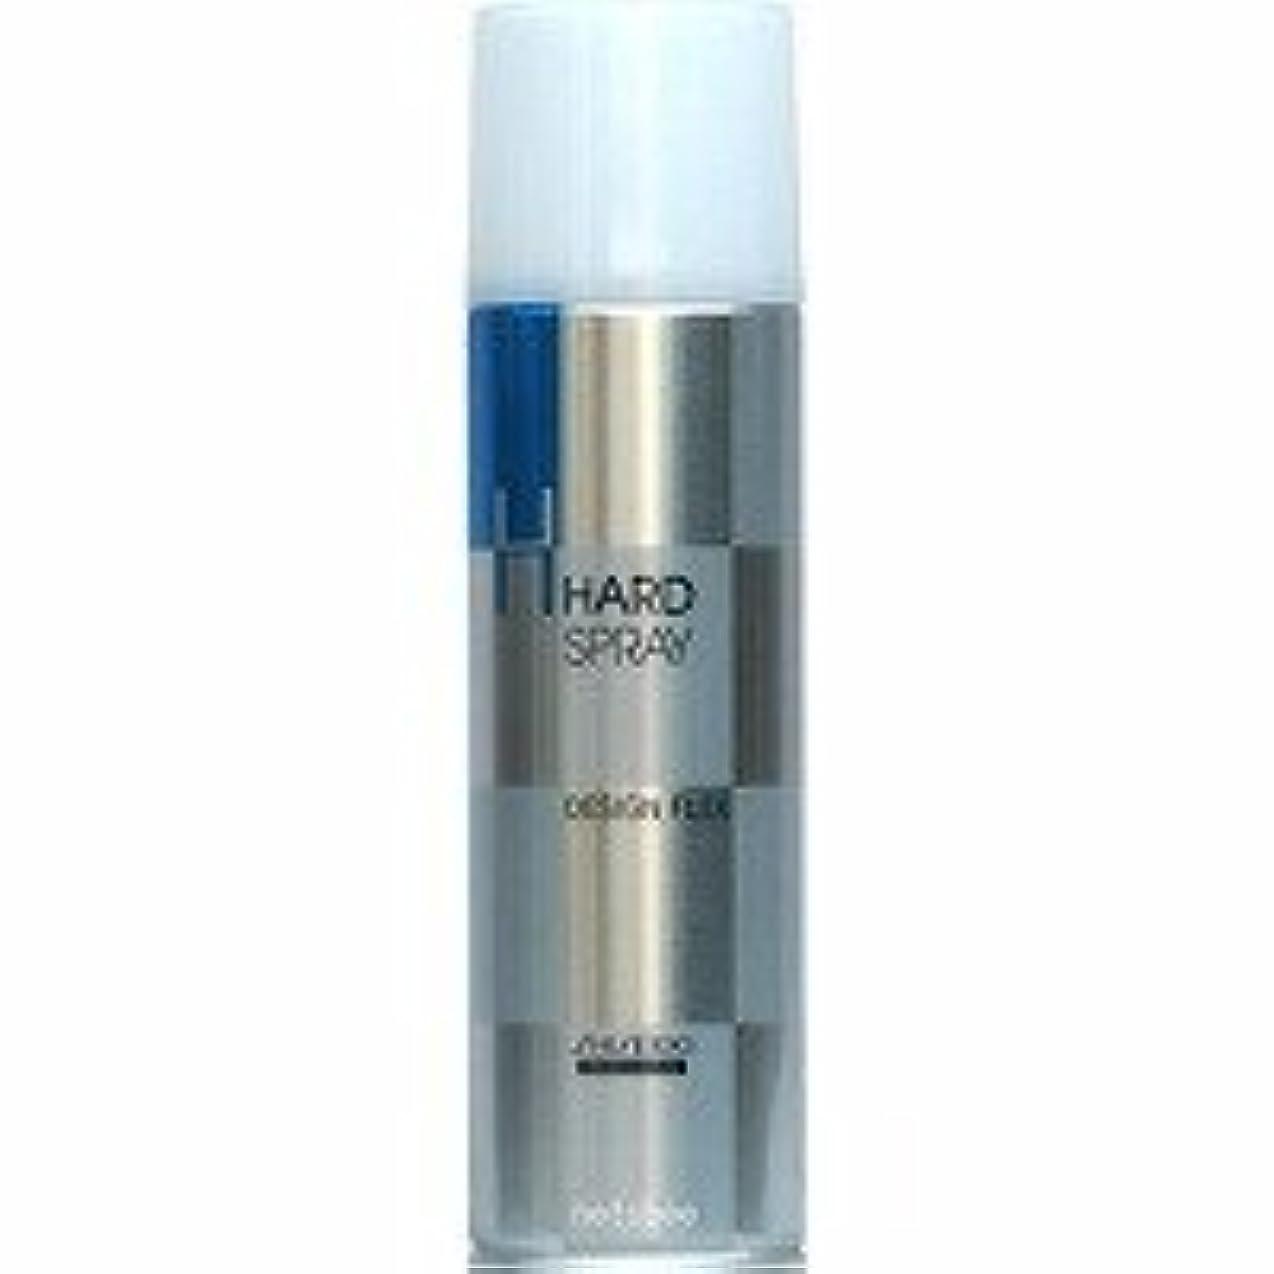 練習したしてはいけません芸術的【X3個セット】 資生堂プロフェッショナル デザインフレックス ハードスプレー 260g shiseido PROFESSIONAL